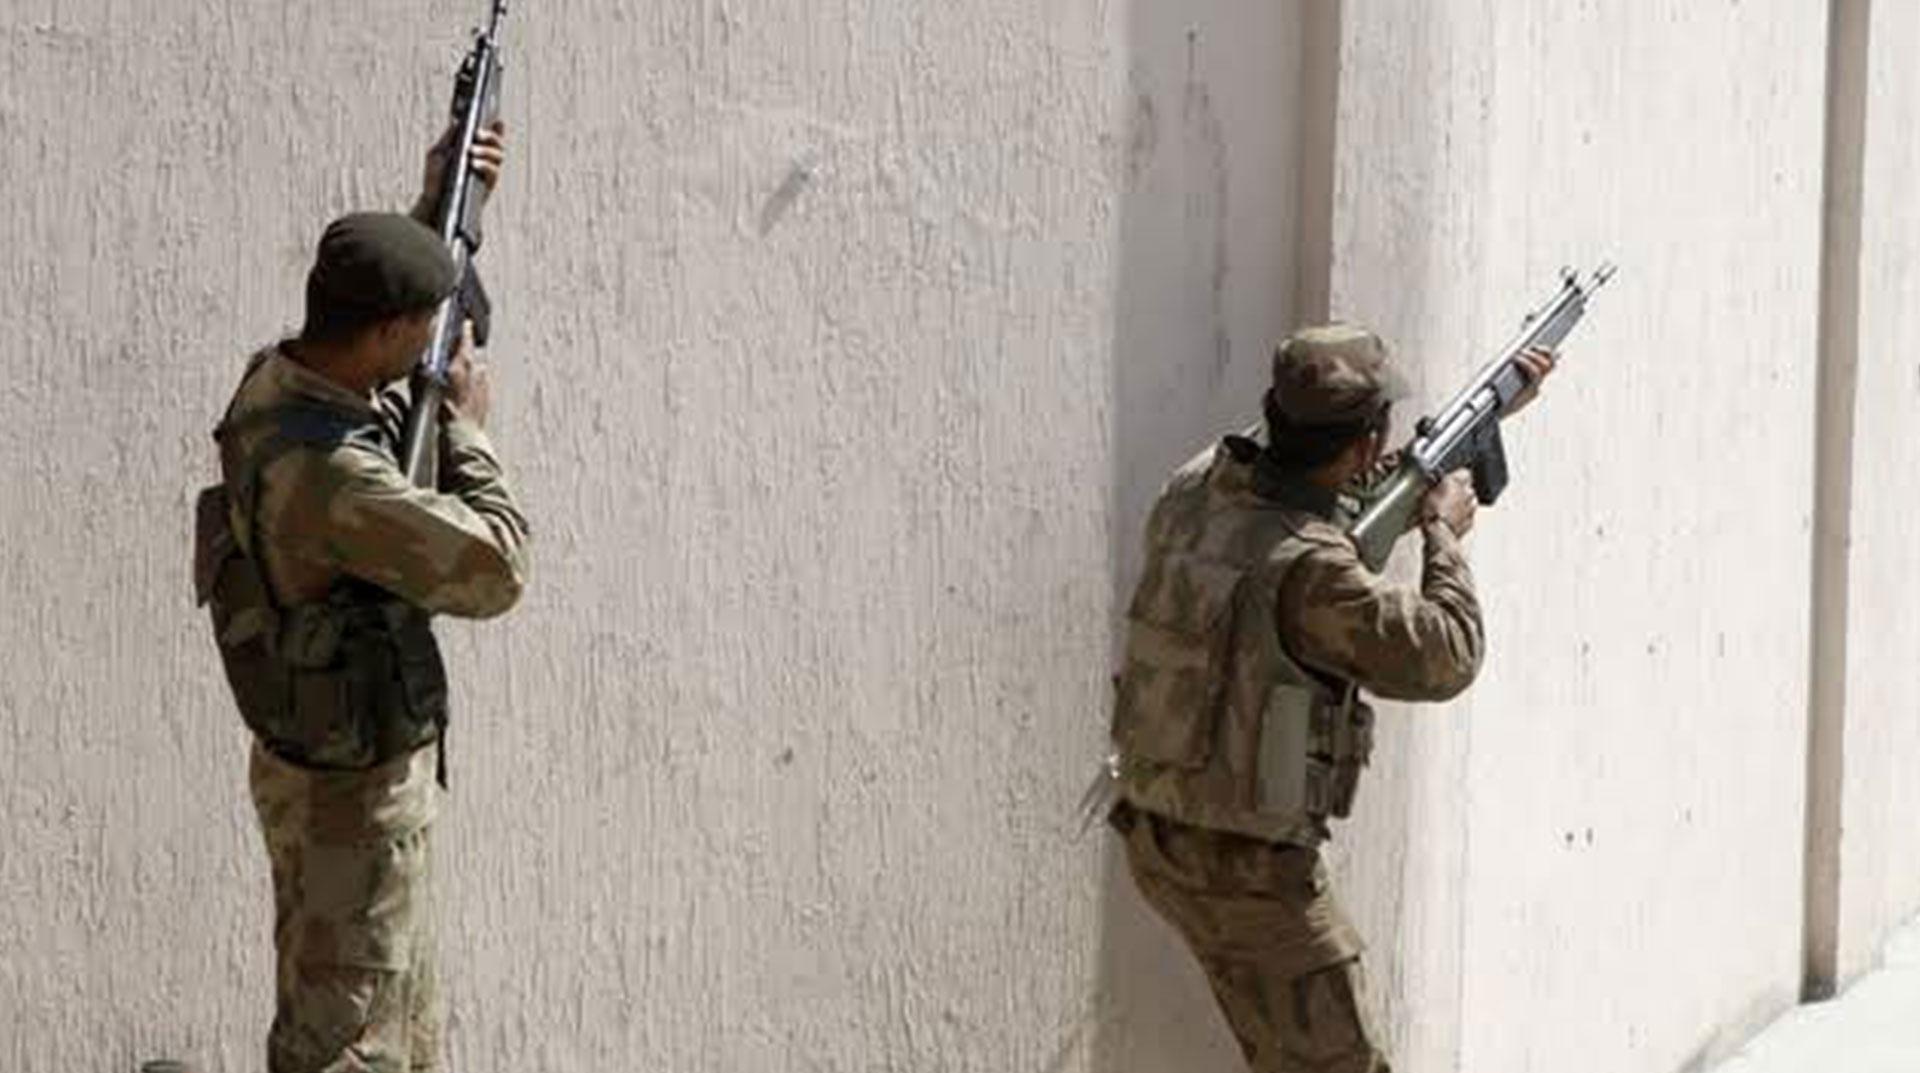 Afganistan'da Saldırısı: 2 Polis Öldü